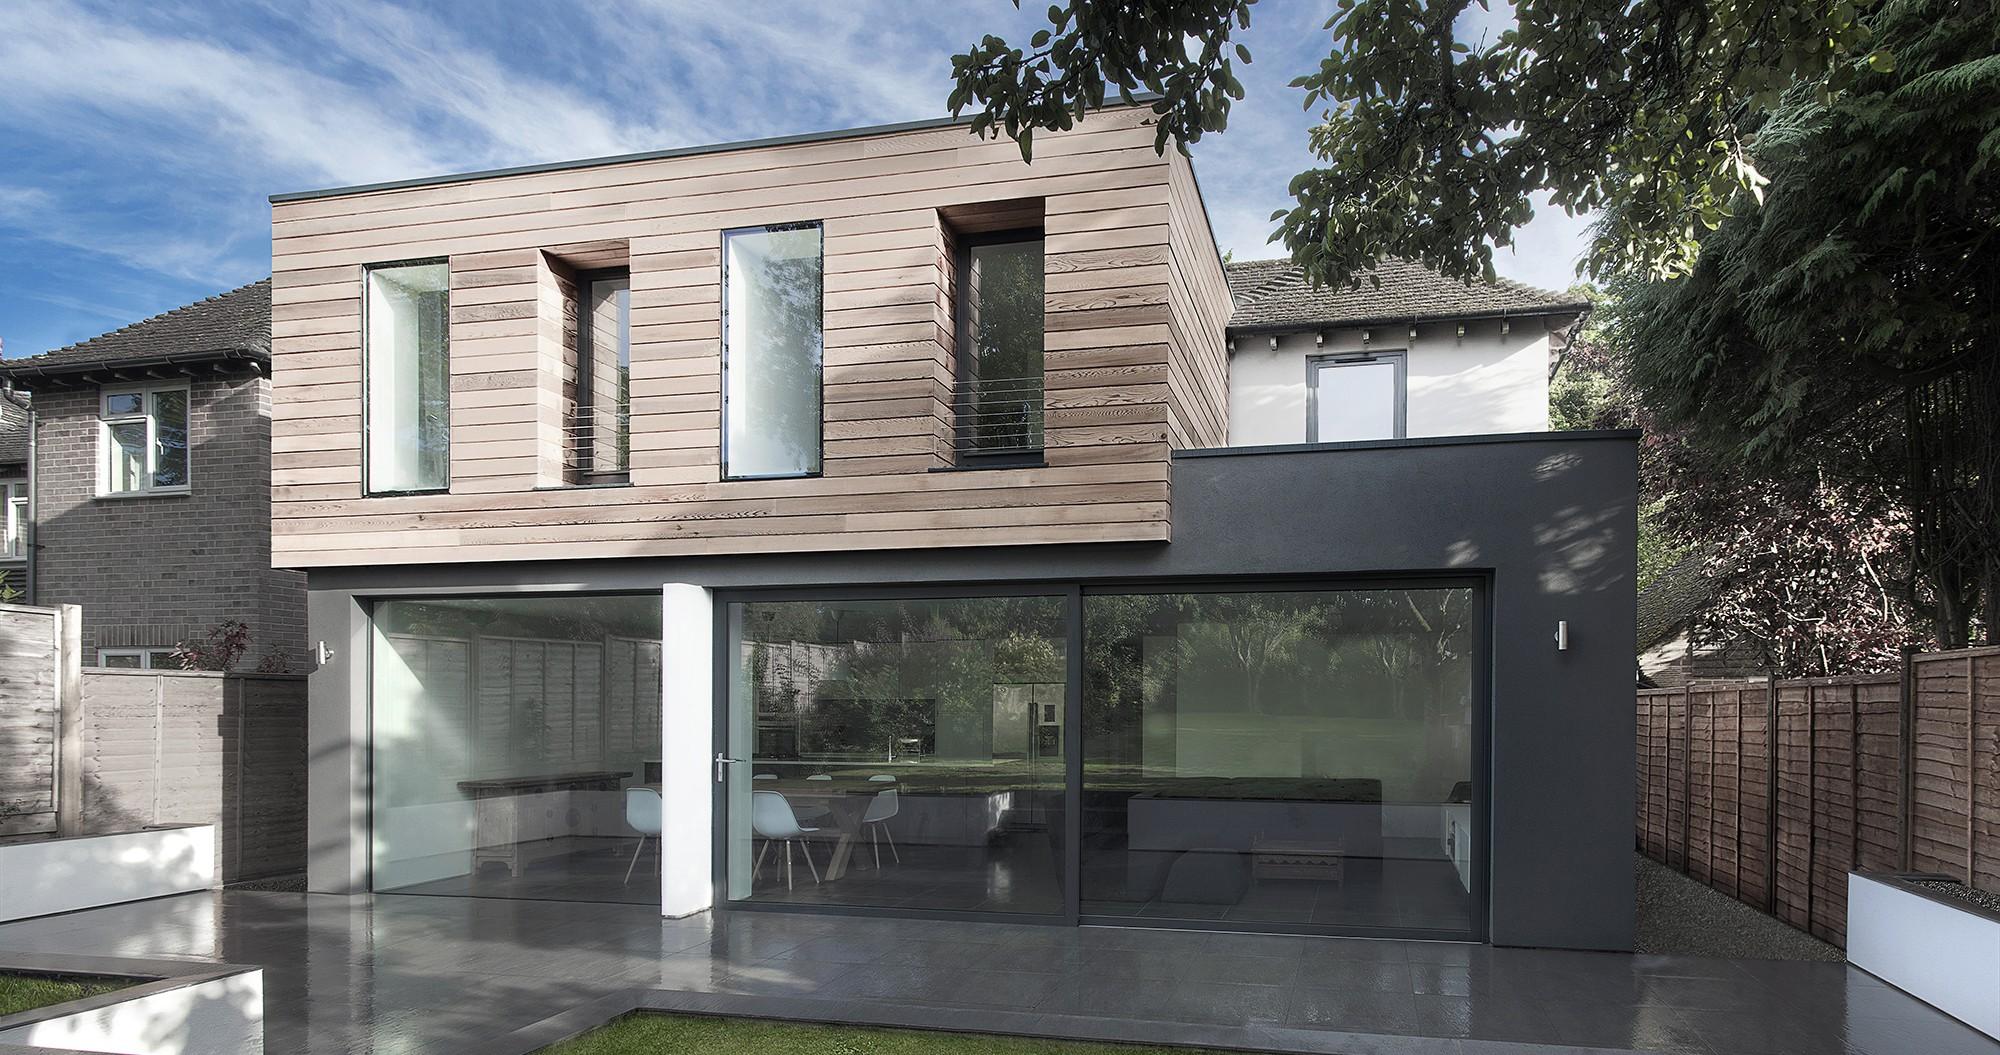 Renover facade maison for Extension maison 93